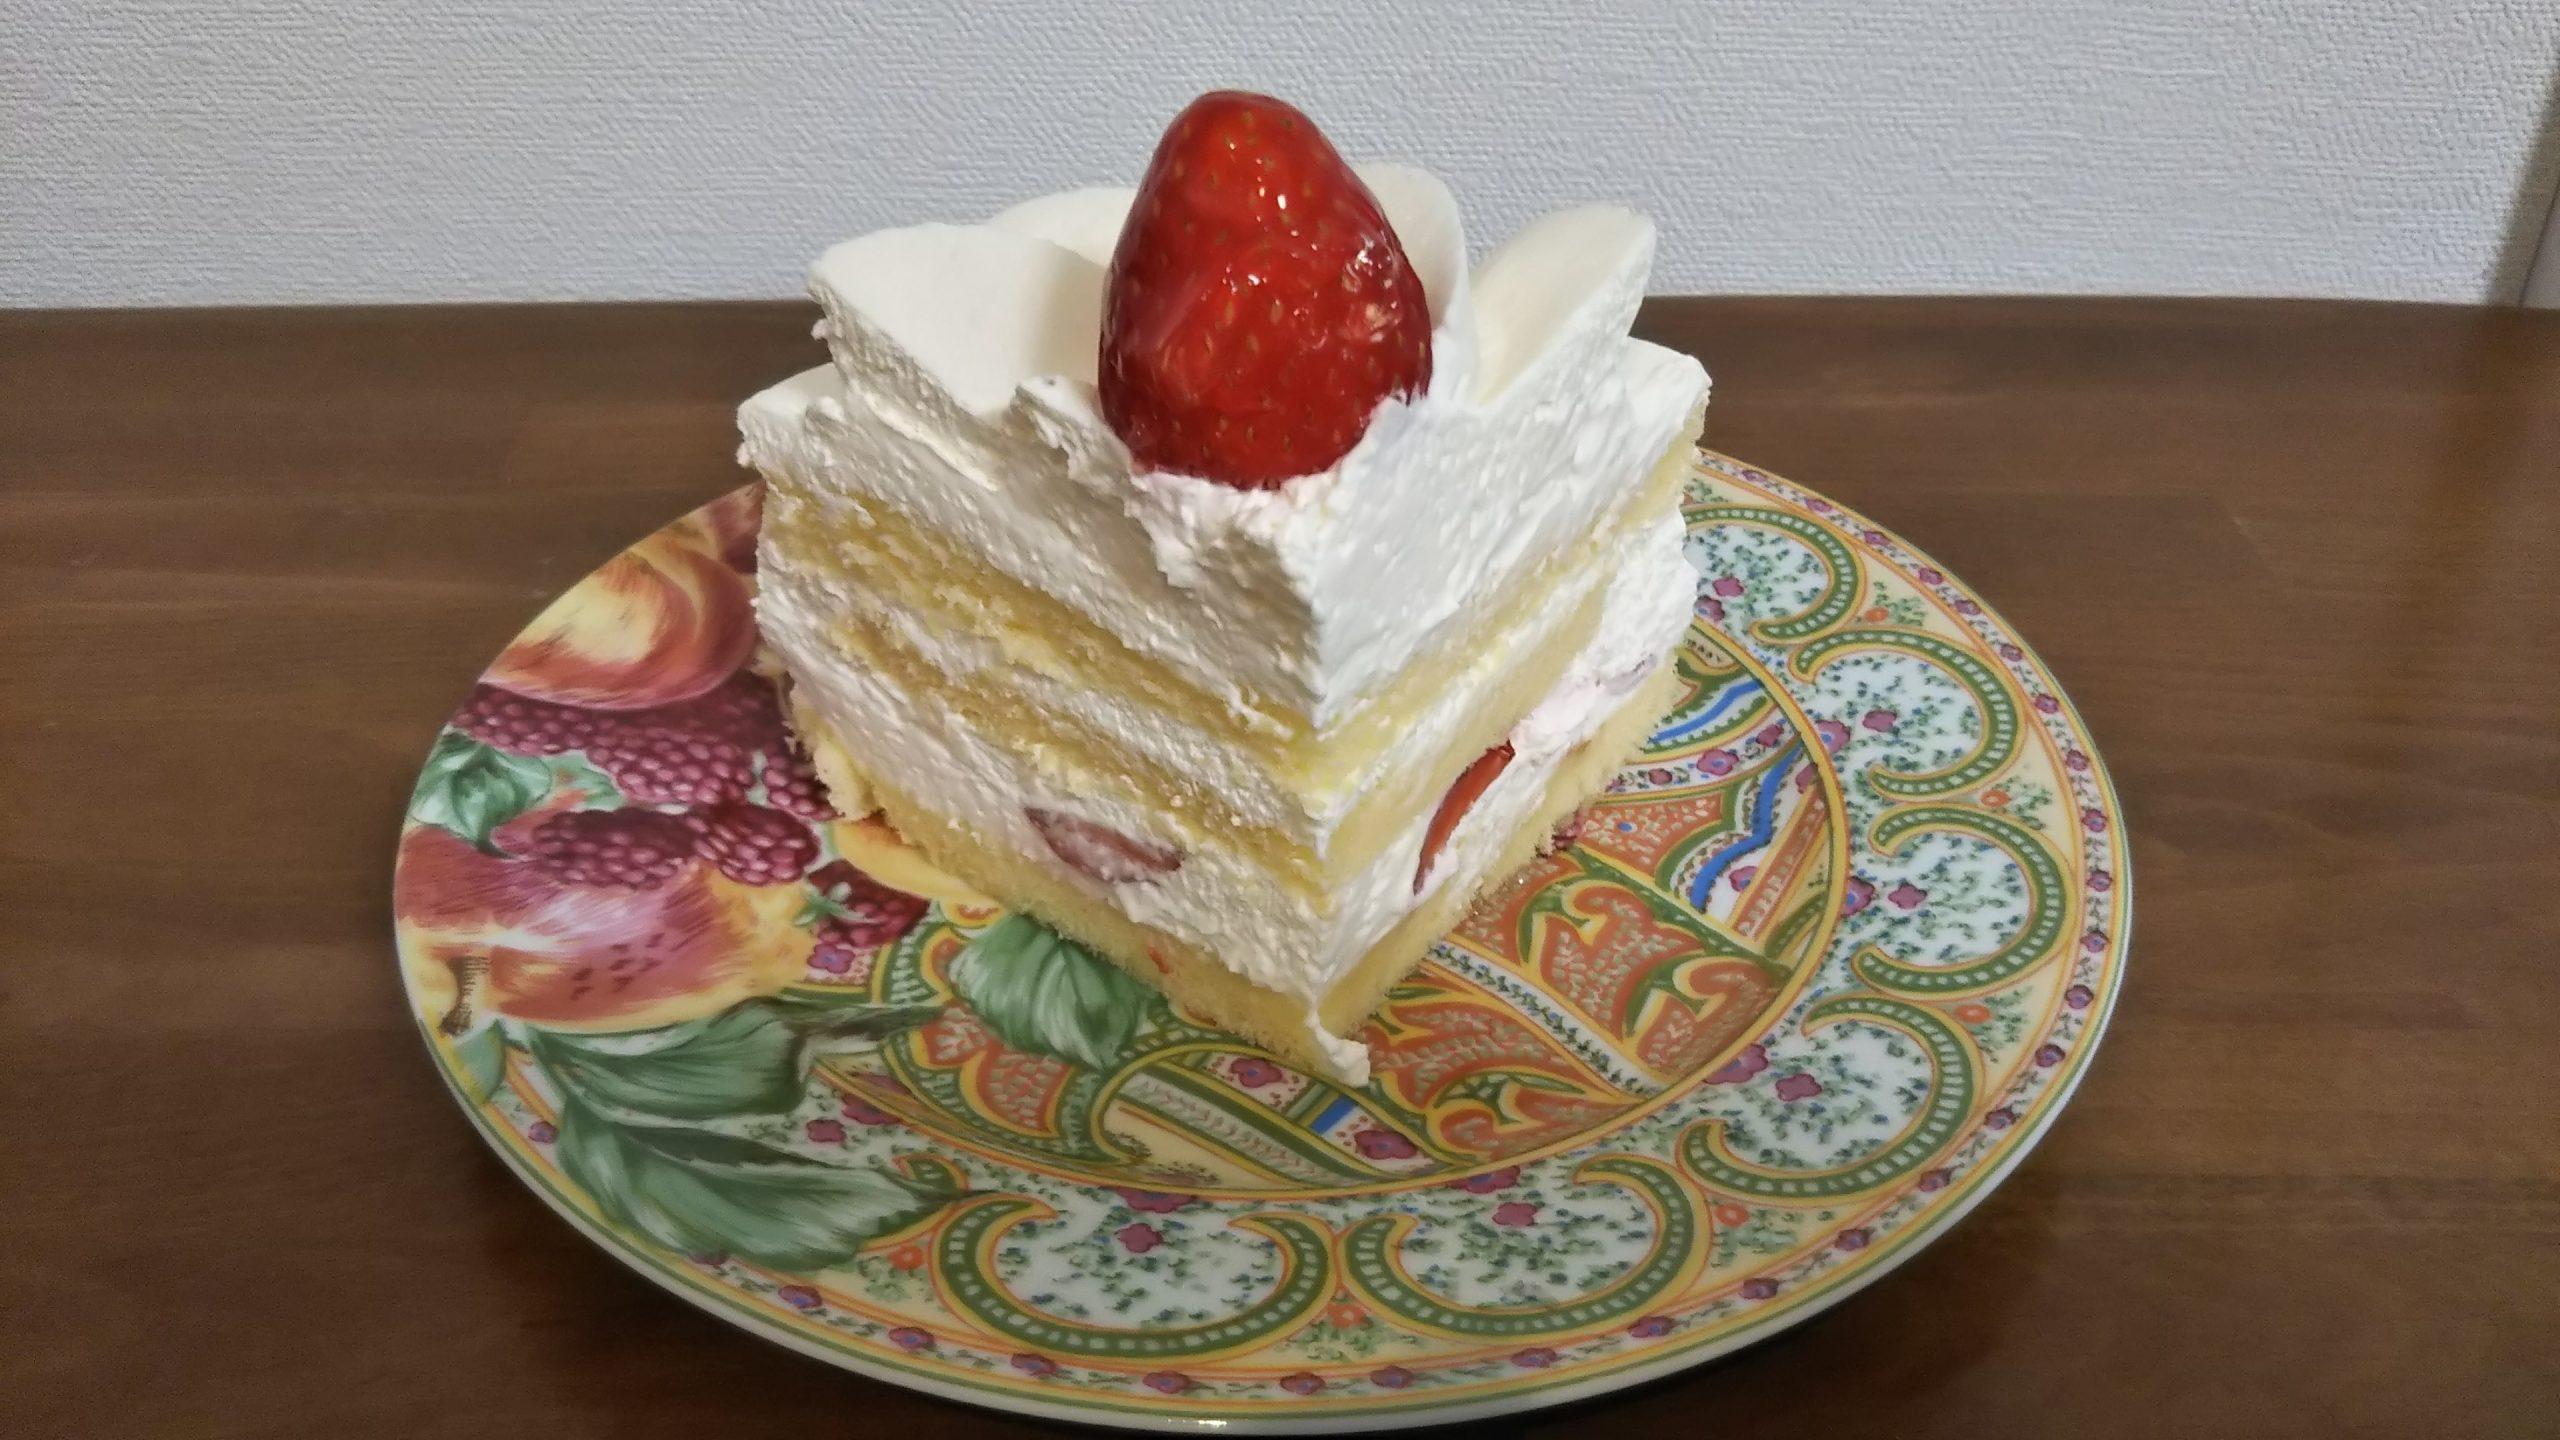 フレーズ・ド・ヴィタメール なめらかにとろけるクリーム いちごのデコレーションケーキ